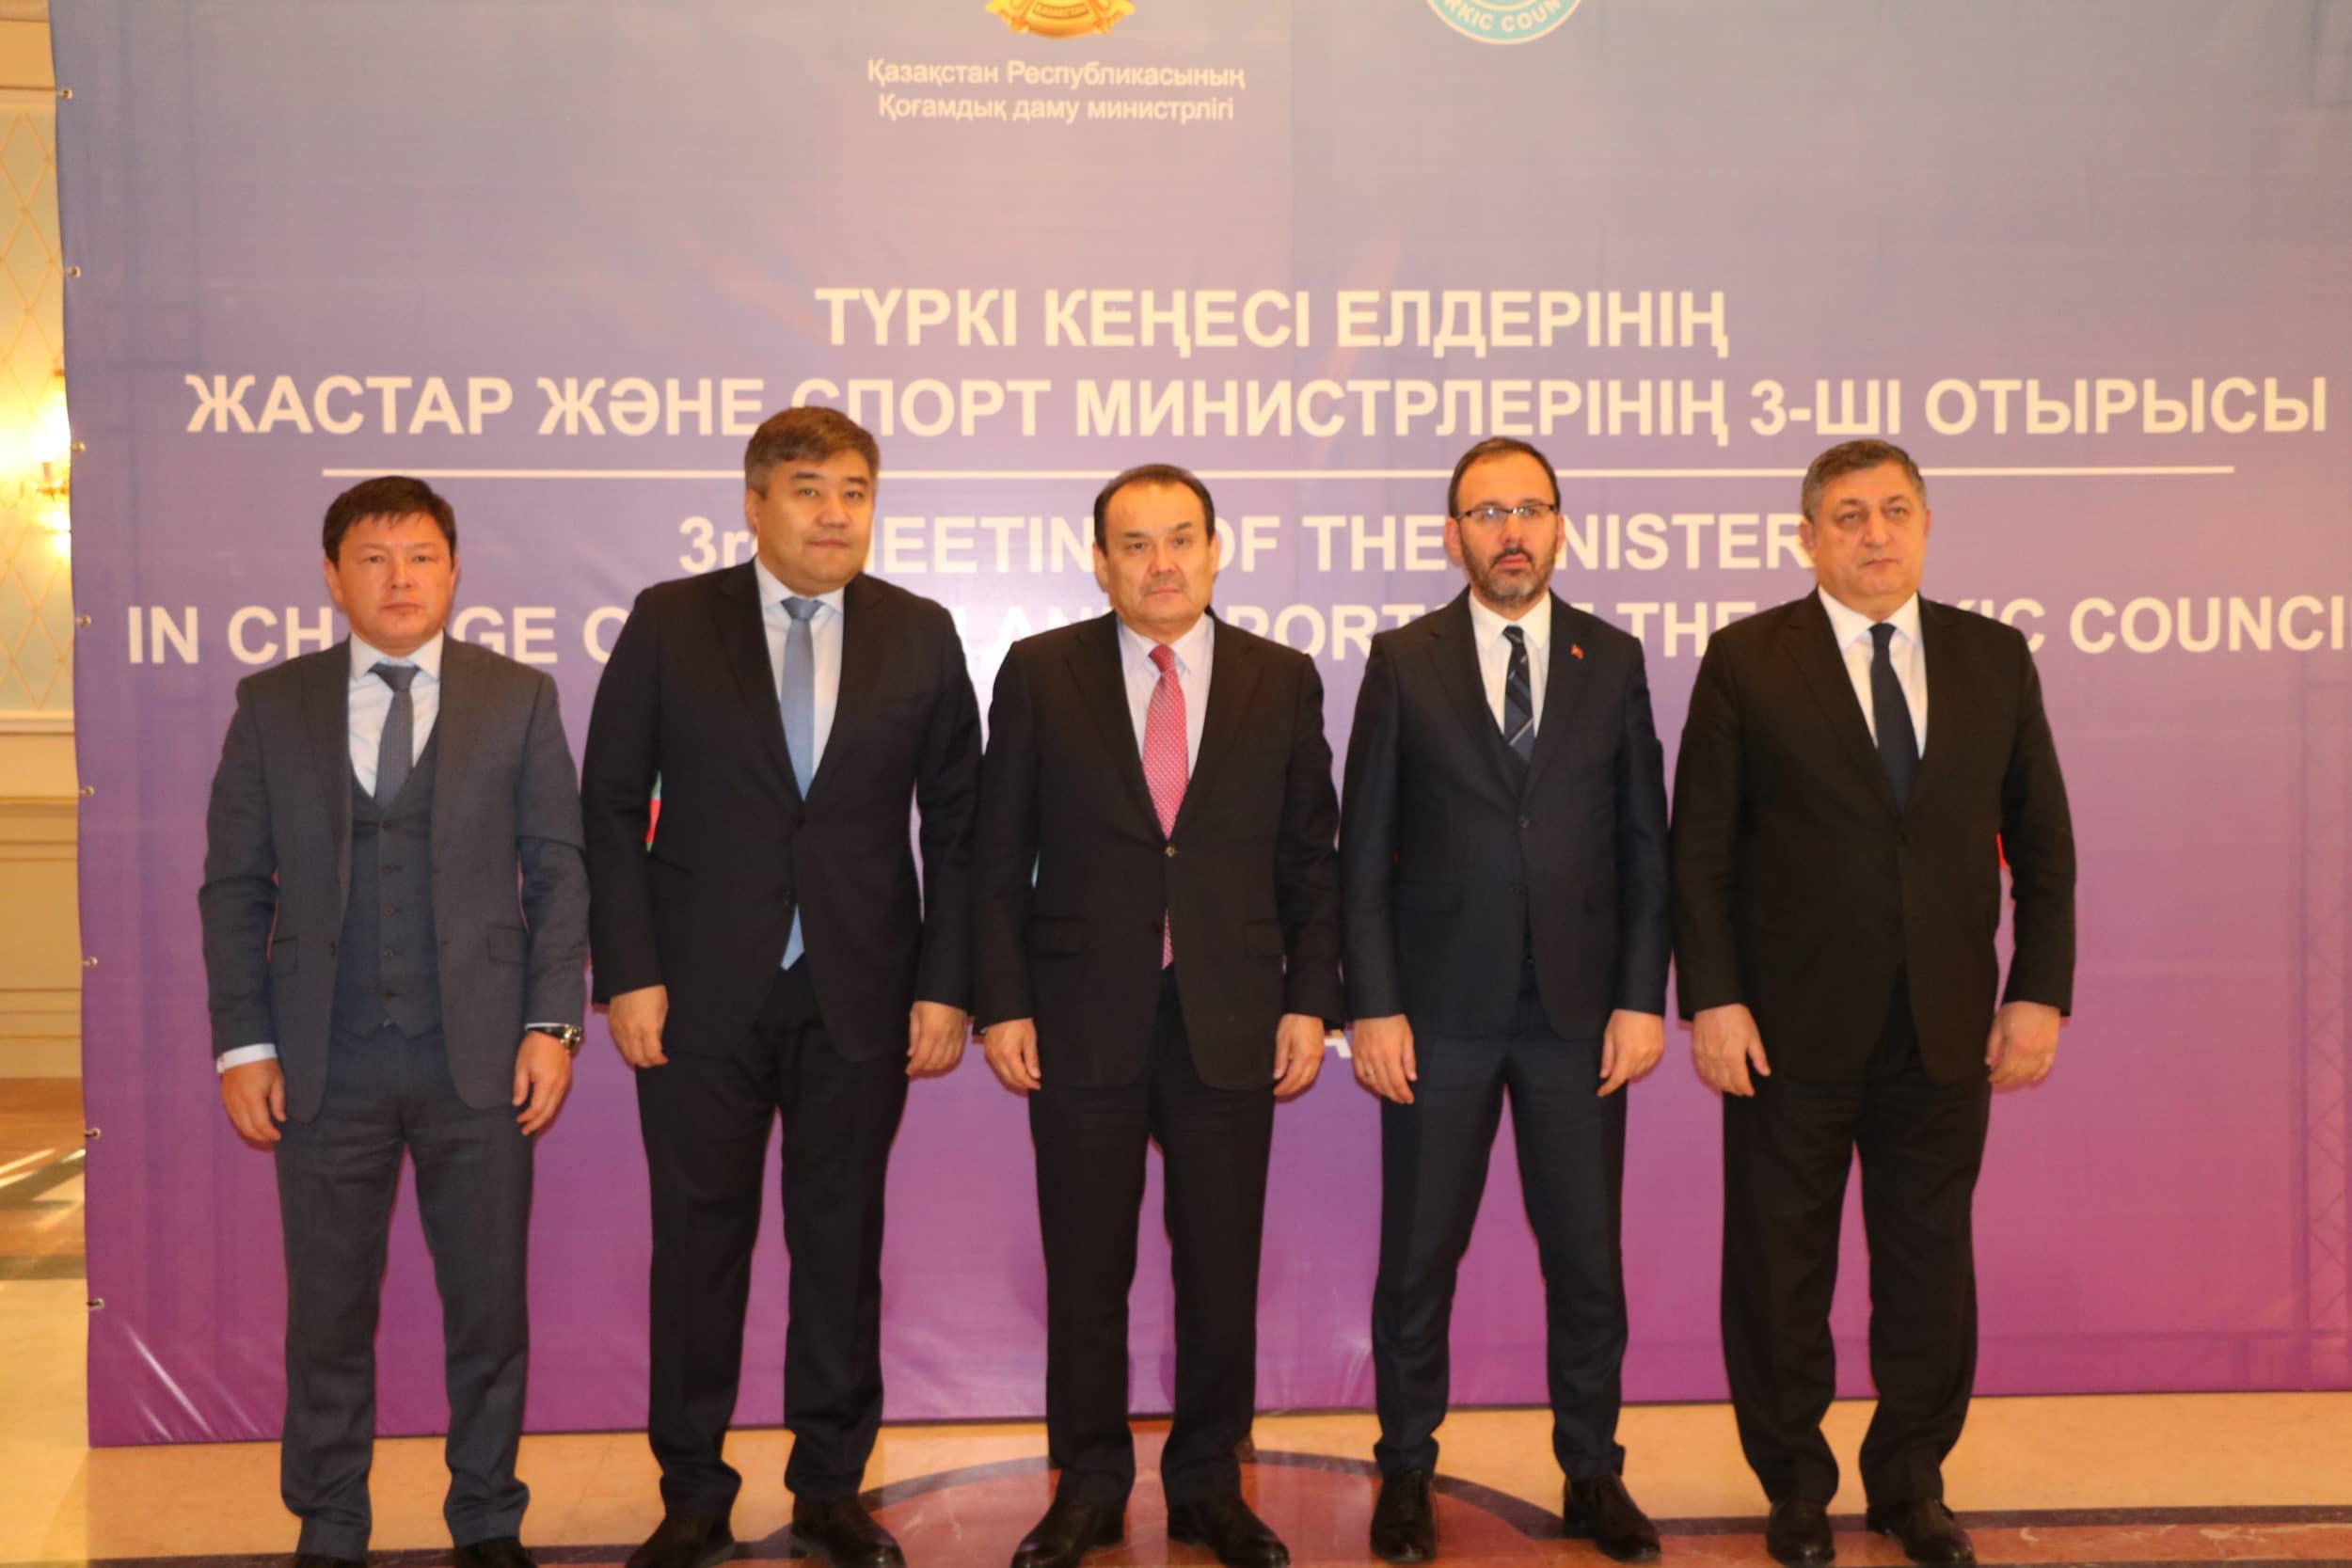 Түркі кеңесі жастар және спорт министрлері